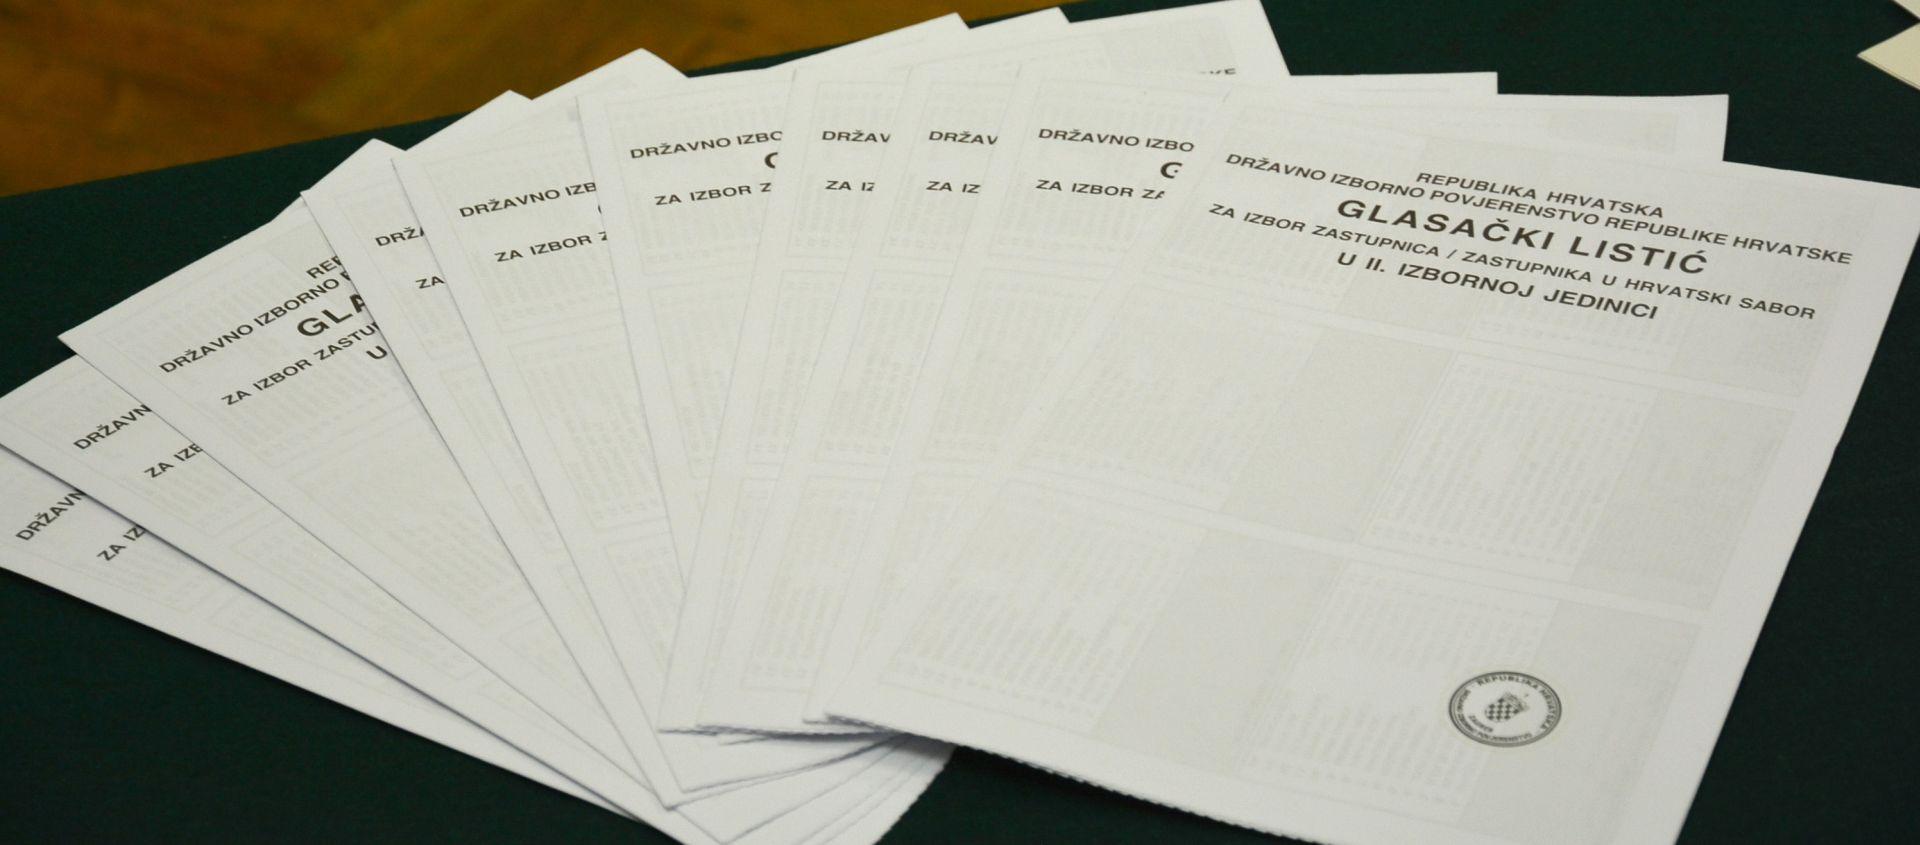 DIP: Glasački listići se ne smiju fotografirati